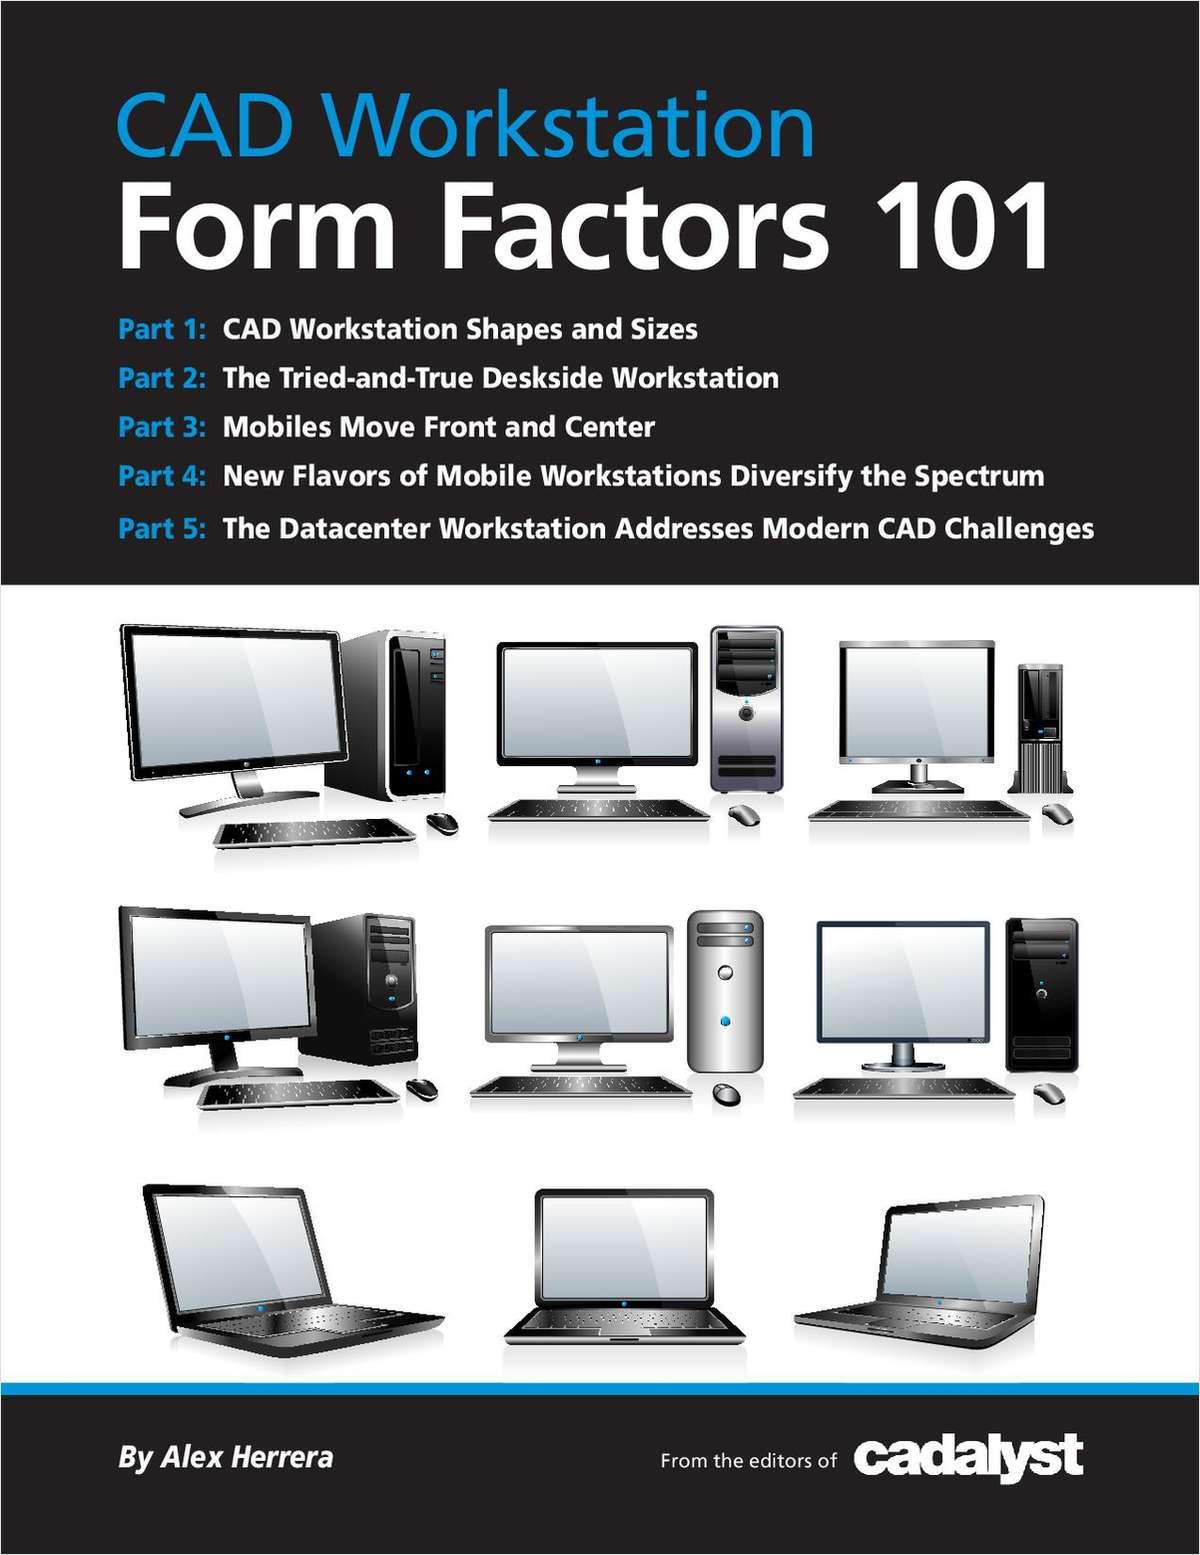 free form workstation  CAD Workstation Form Factors 6, Free Cadalyst Magazine ...